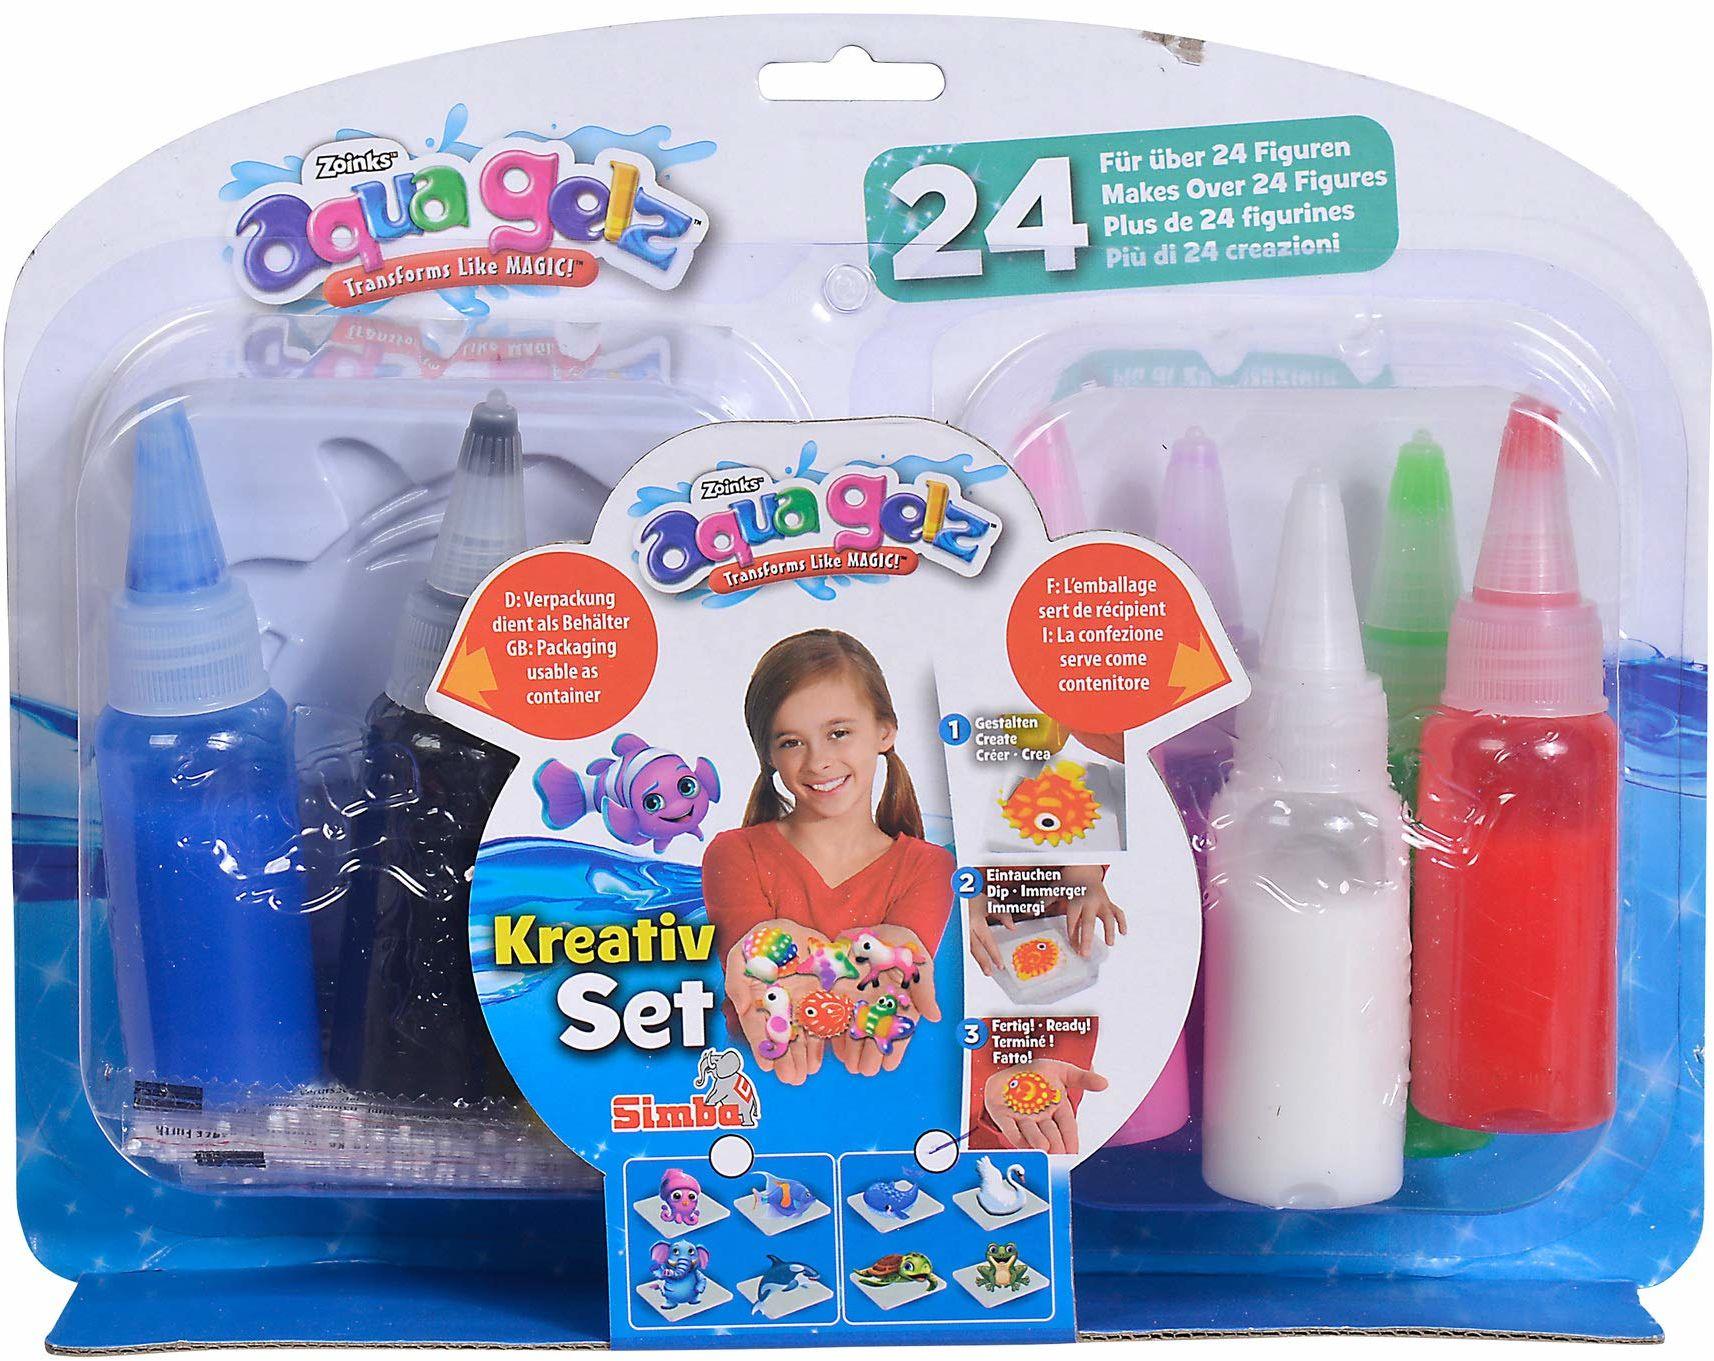 Simba 106322451 Aqua Gelz kreatywny zestaw, miękkie figurki w 3D, zanurz kolorowy żel w kształtach, od 8 lat